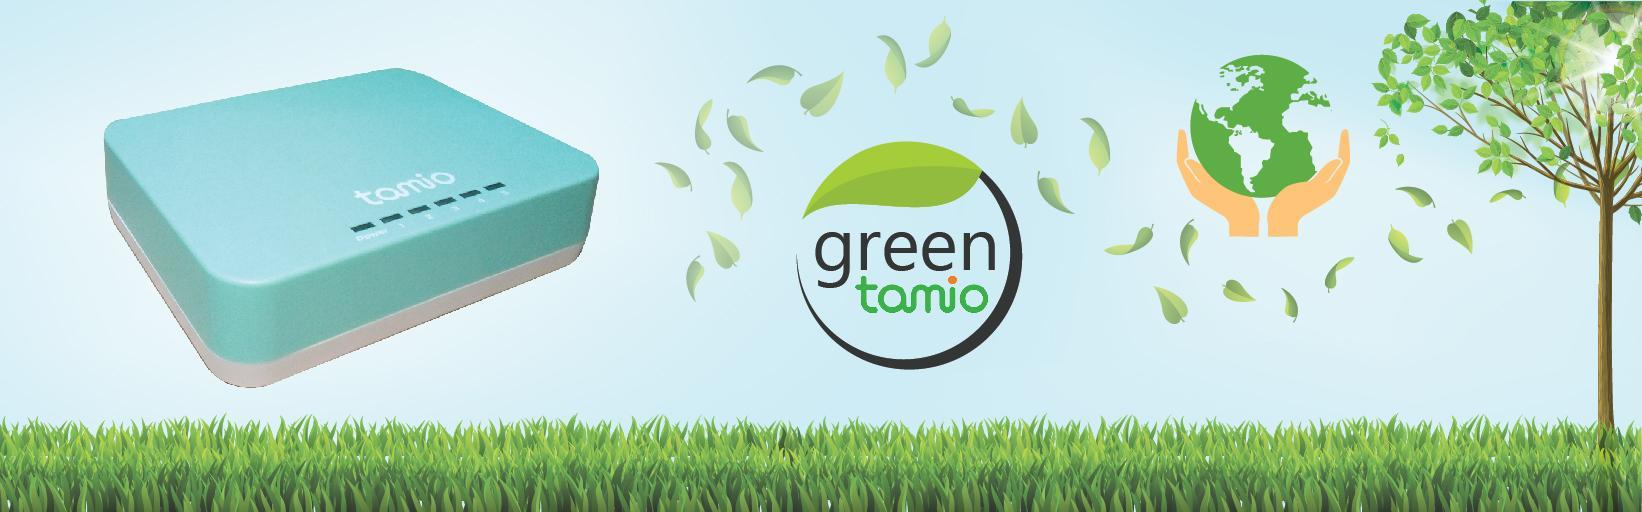 Tamio S5 cong nghe xanh